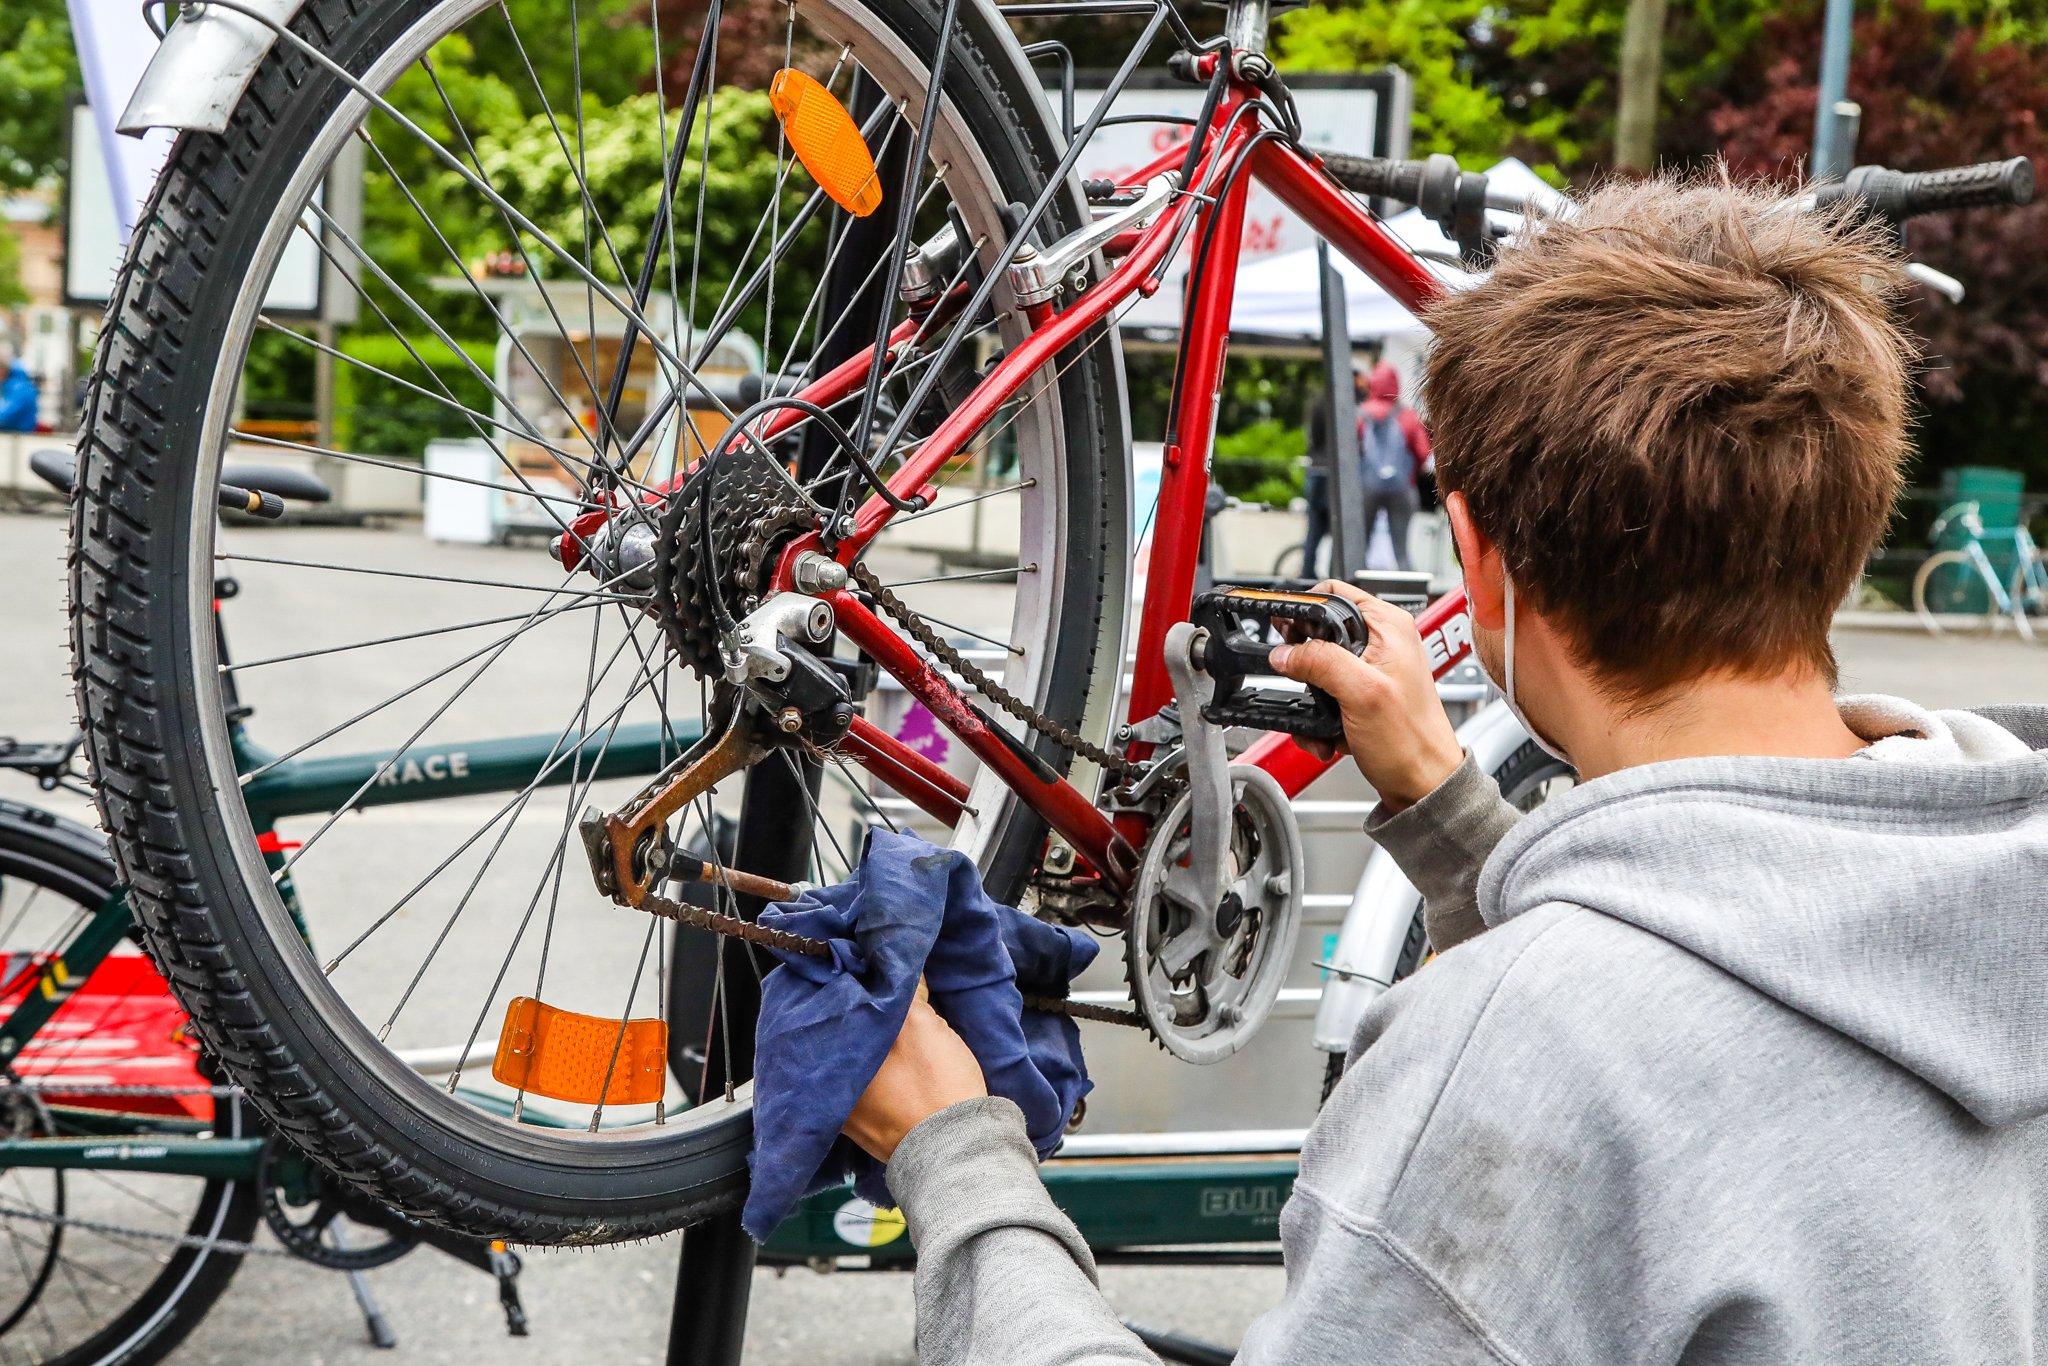 Ein Mechaniker kümmert sich beim Radcheck um die Schaltung eines Fahrrads